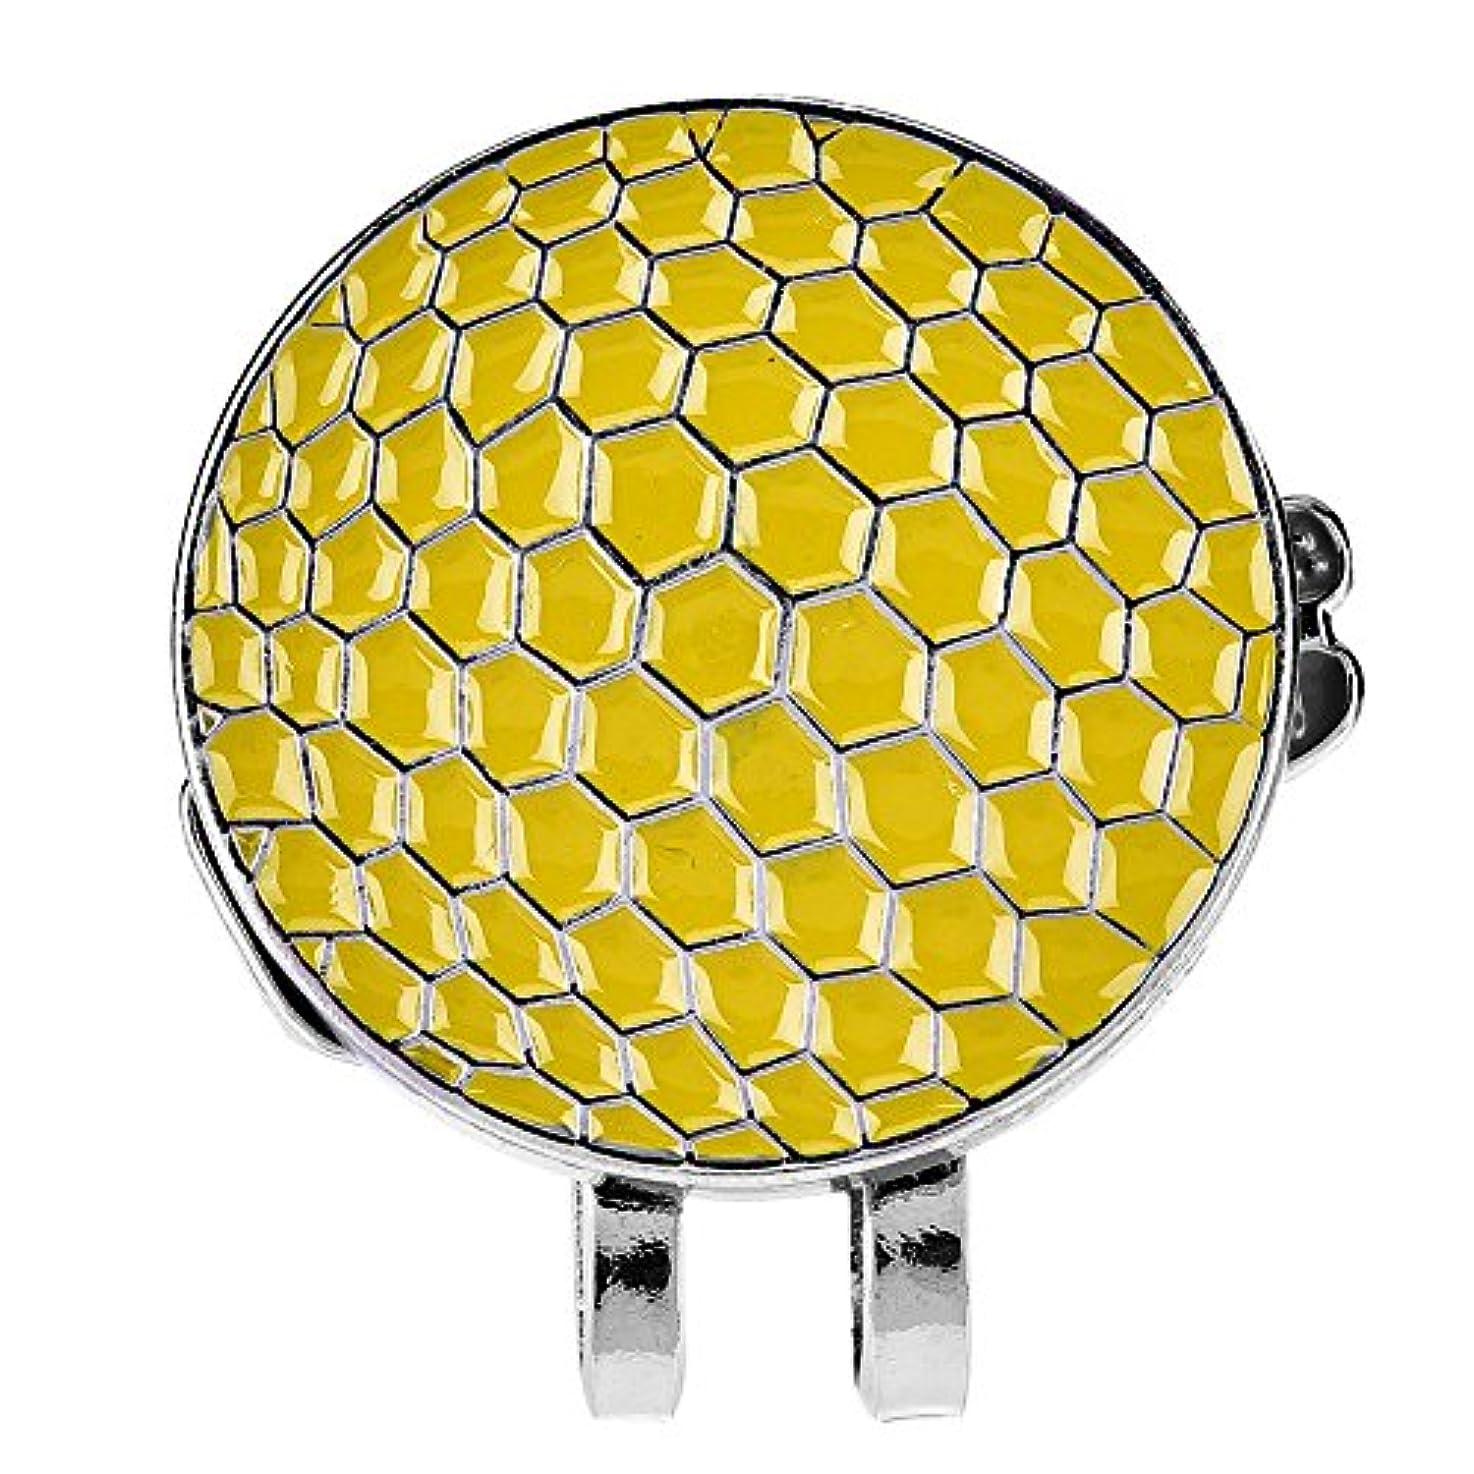 型誘惑するピンポイント手袋形 ゴルフ ハットクリップ 創造的 ステンレス 磁気 ボールマーカー 贈り物